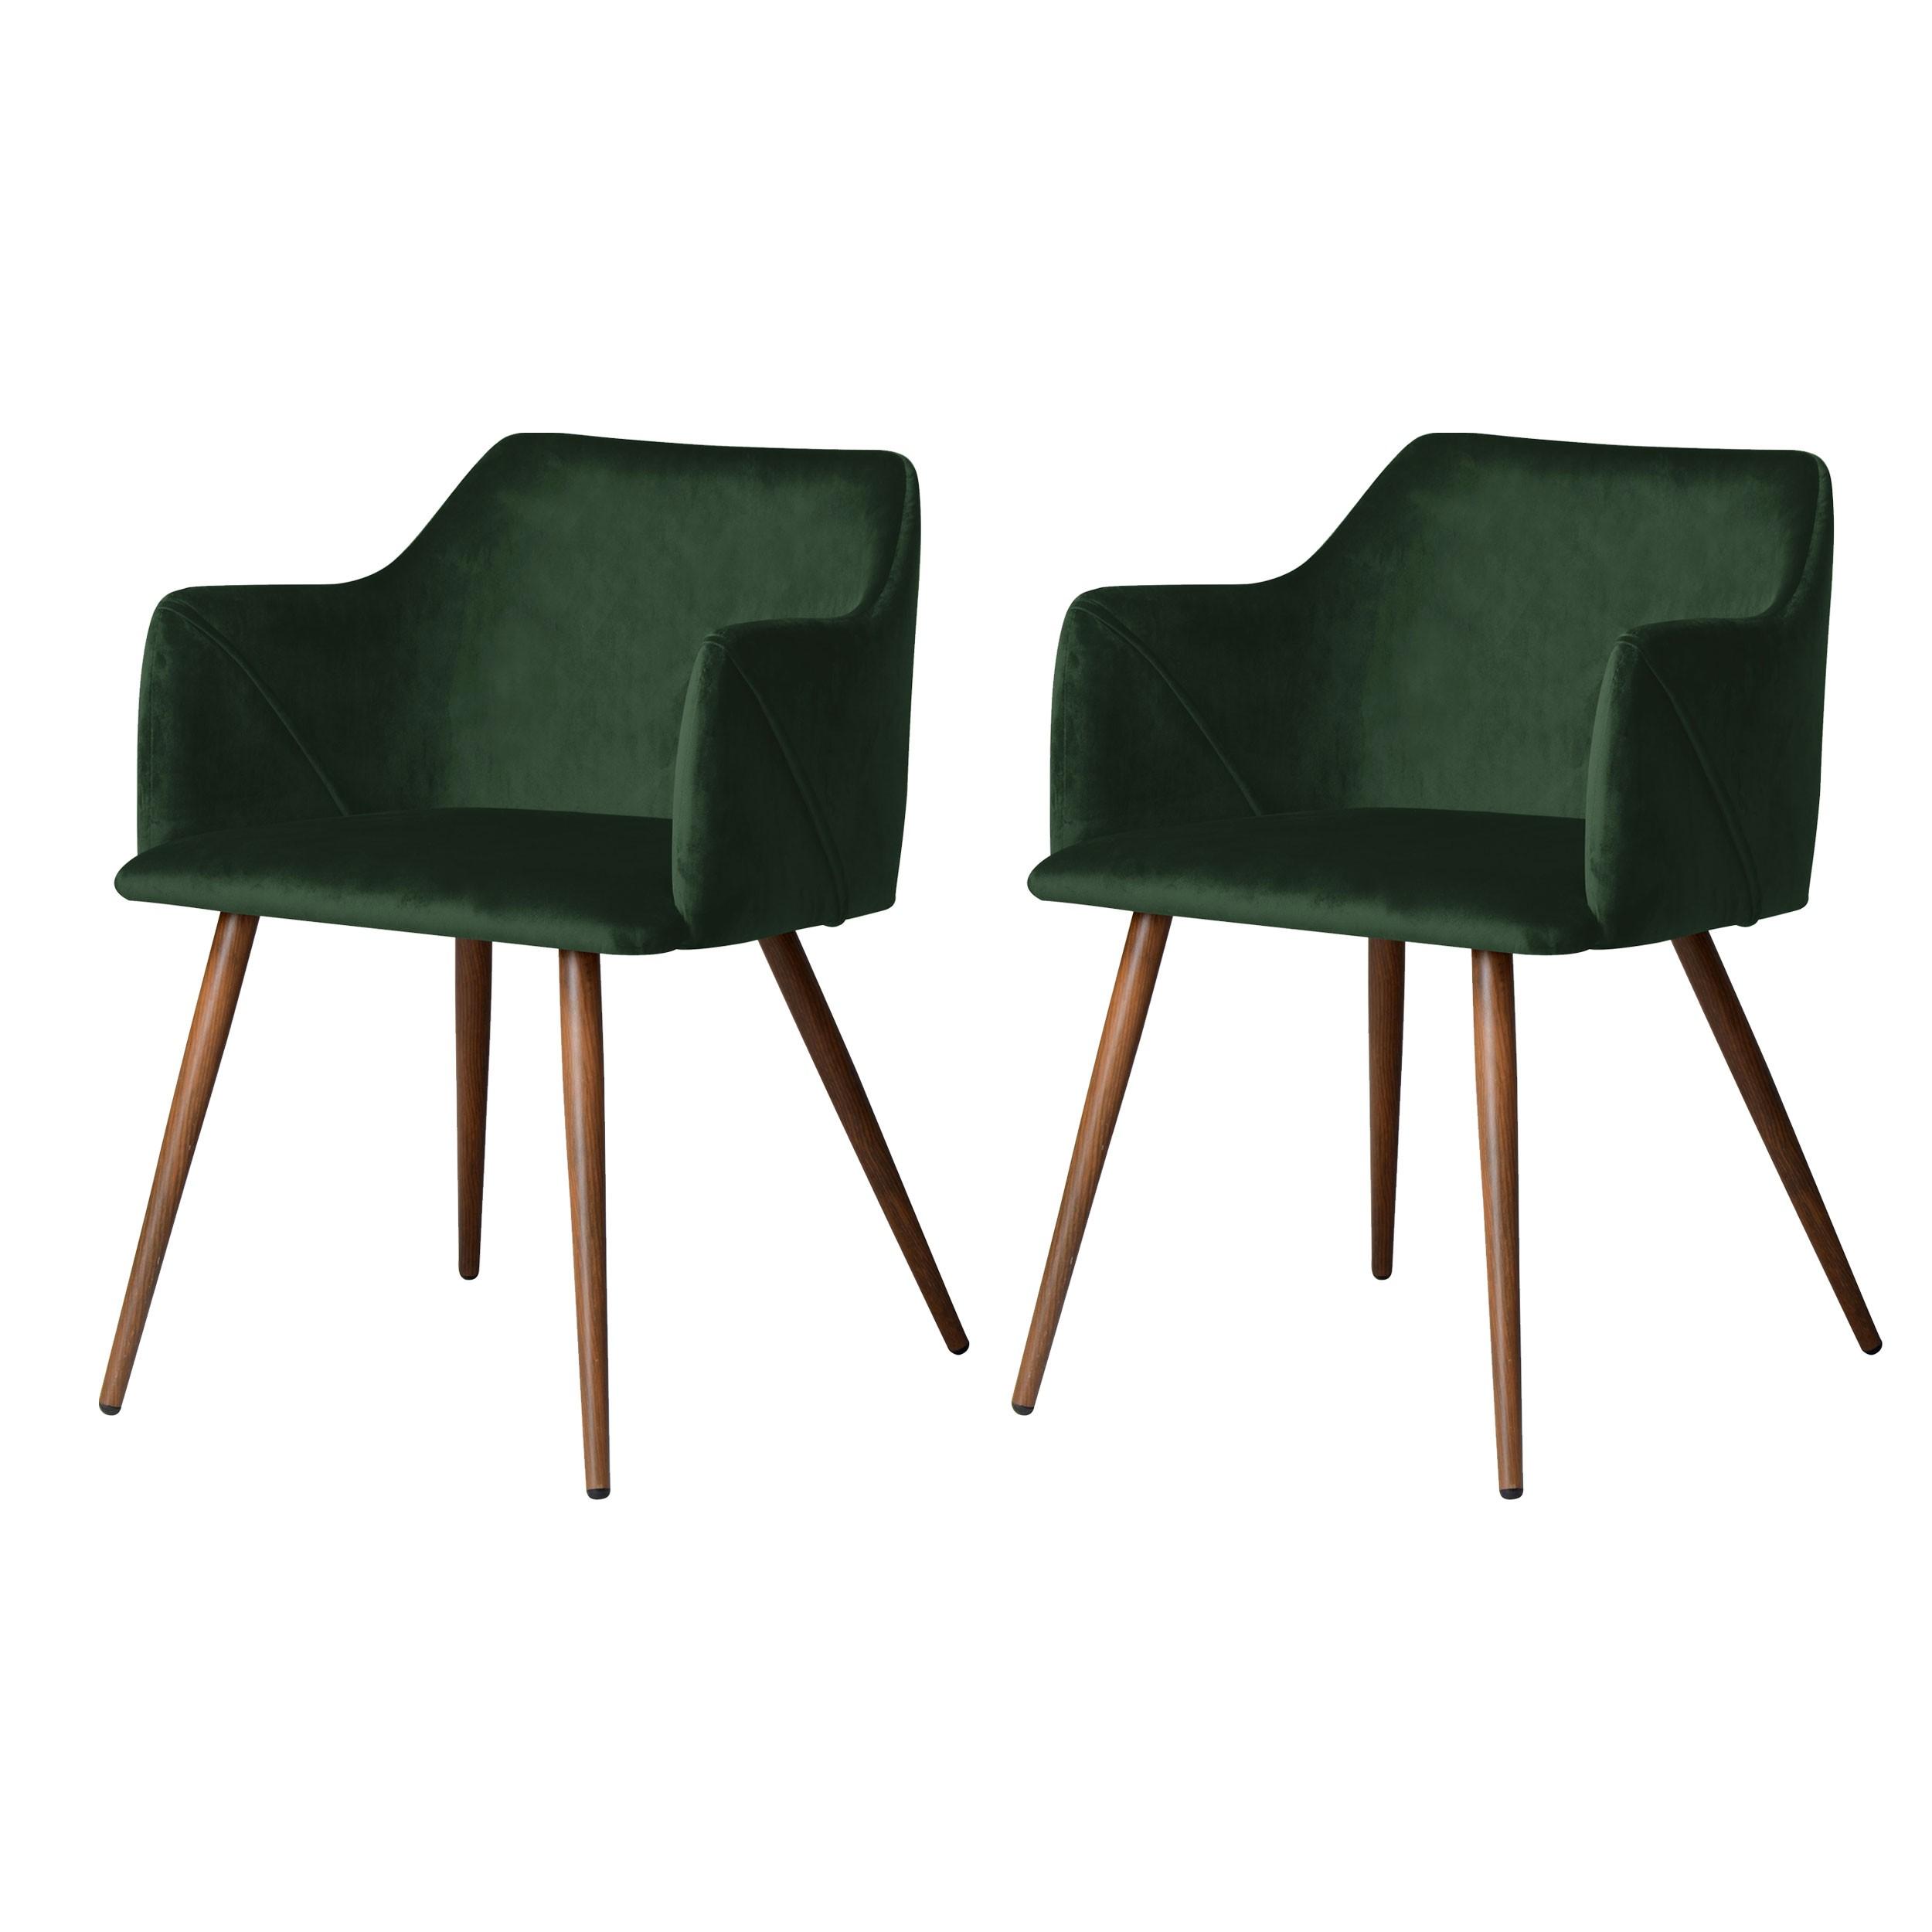 acheter chaise velours vert fonce